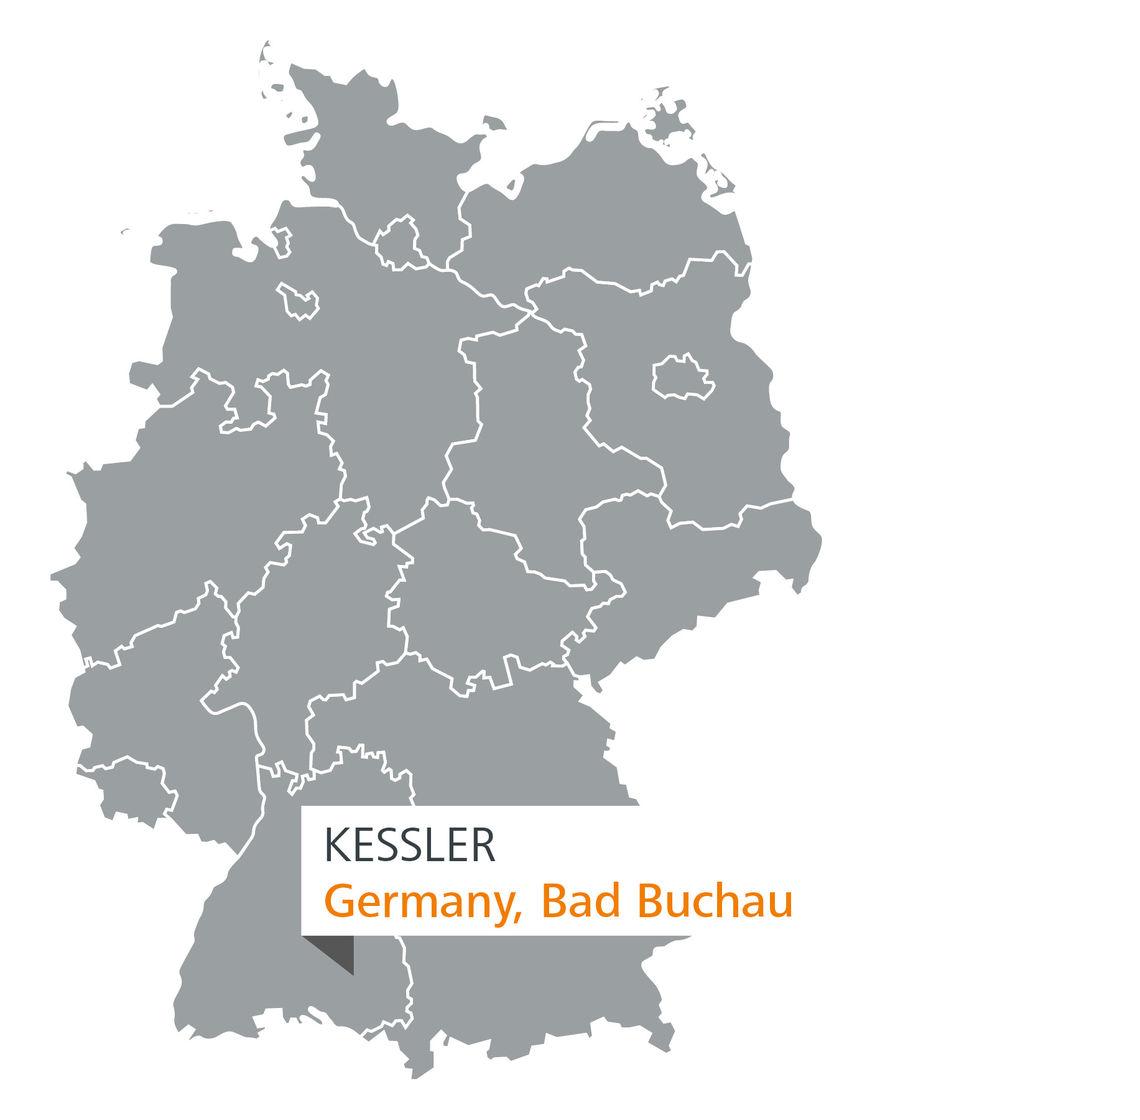 Franz Kessler GmbH, Germany, Bad Buchau